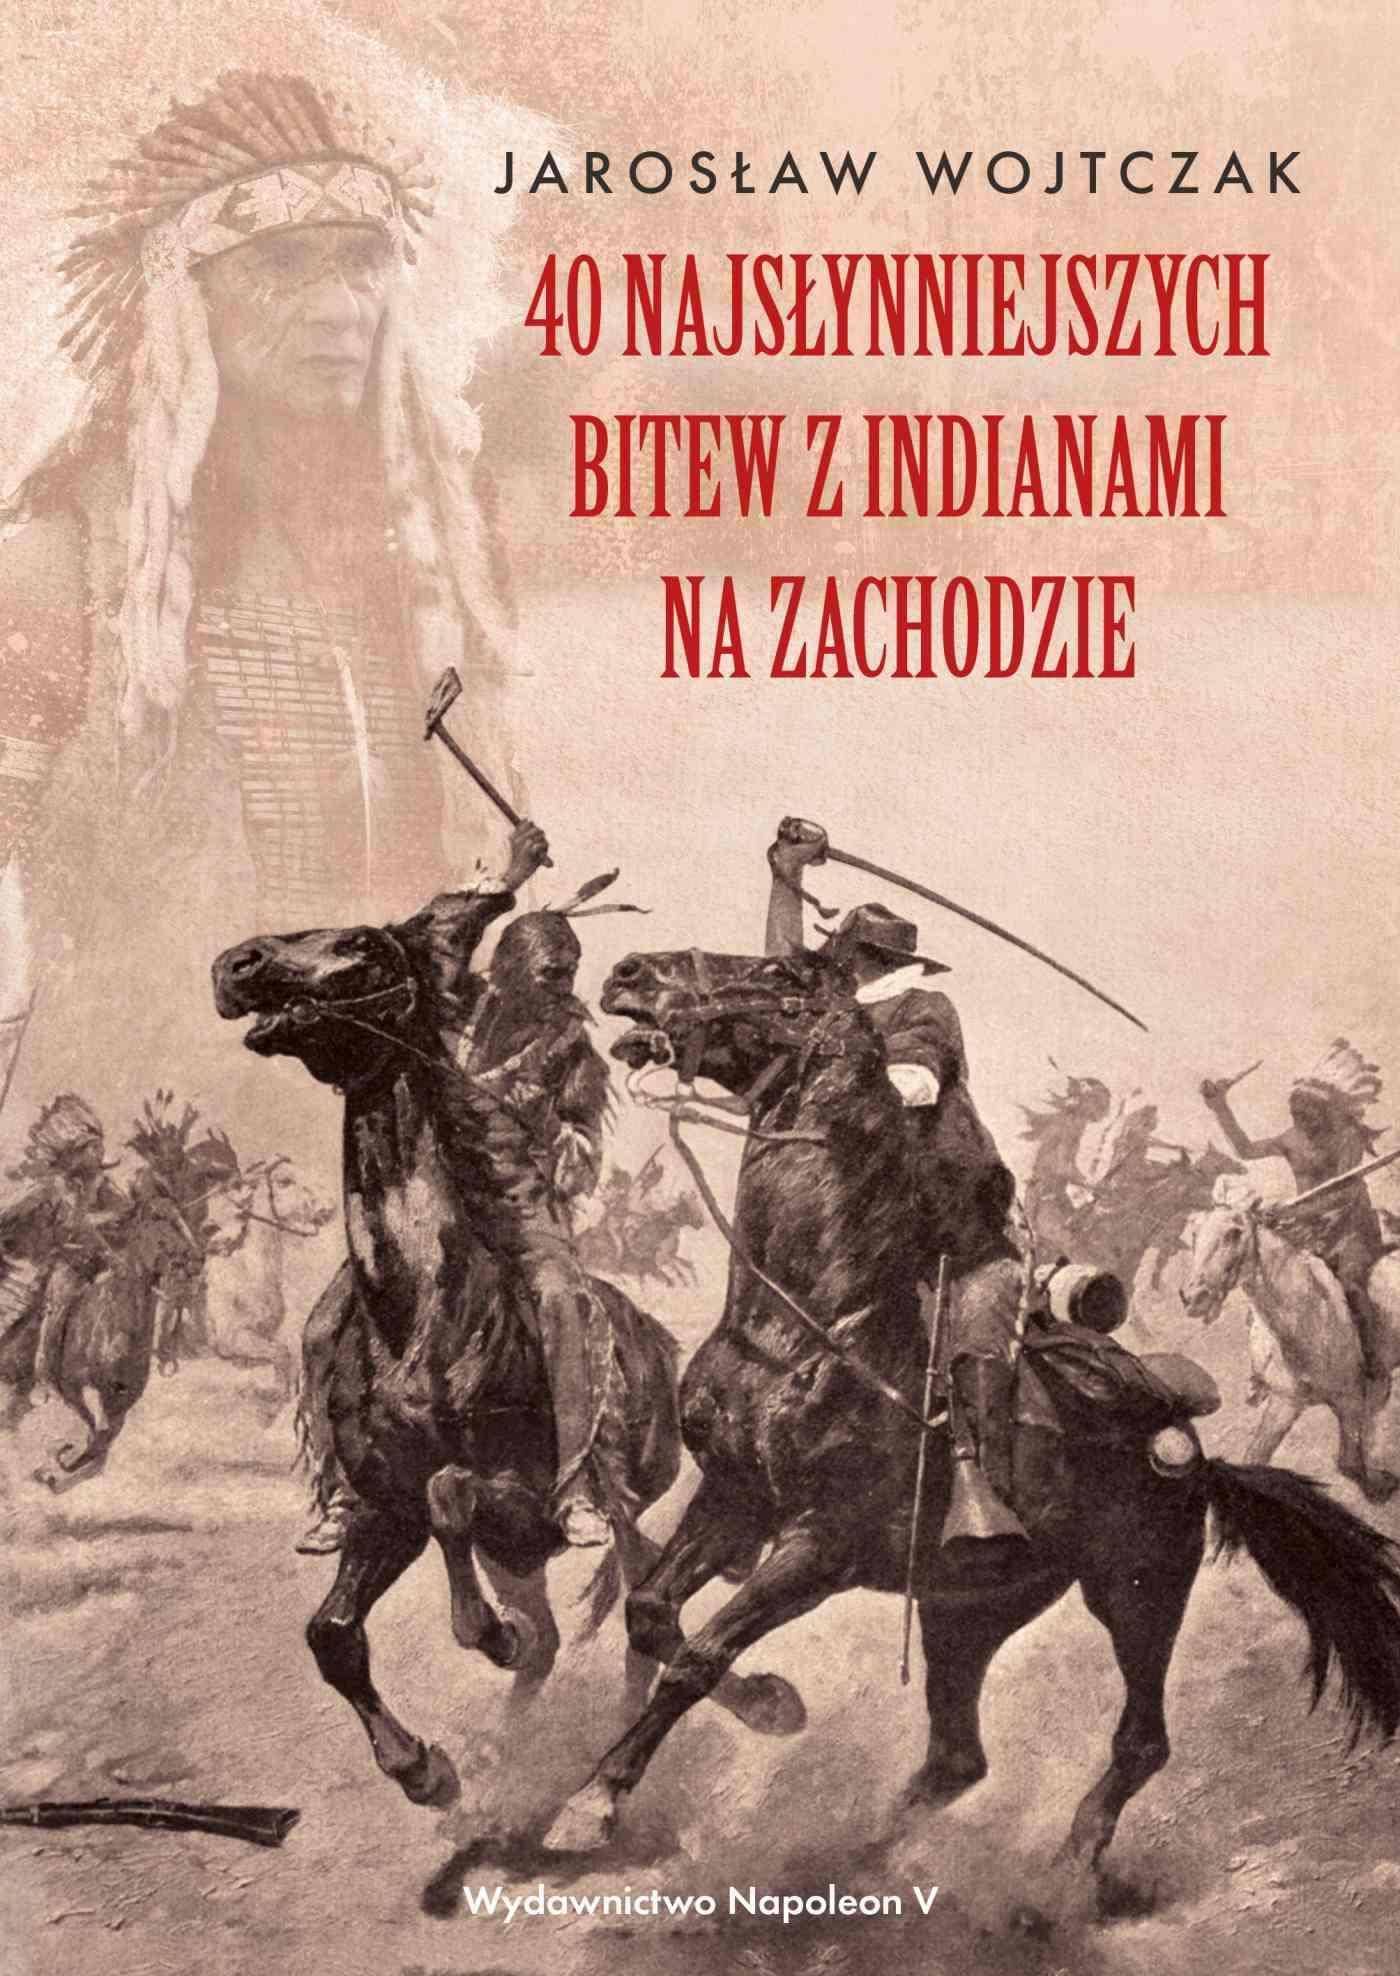 40 najsłynniejszych bitew z Indianami na Zachodzie - Ebook (Książka EPUB) do pobrania w formacie EPUB